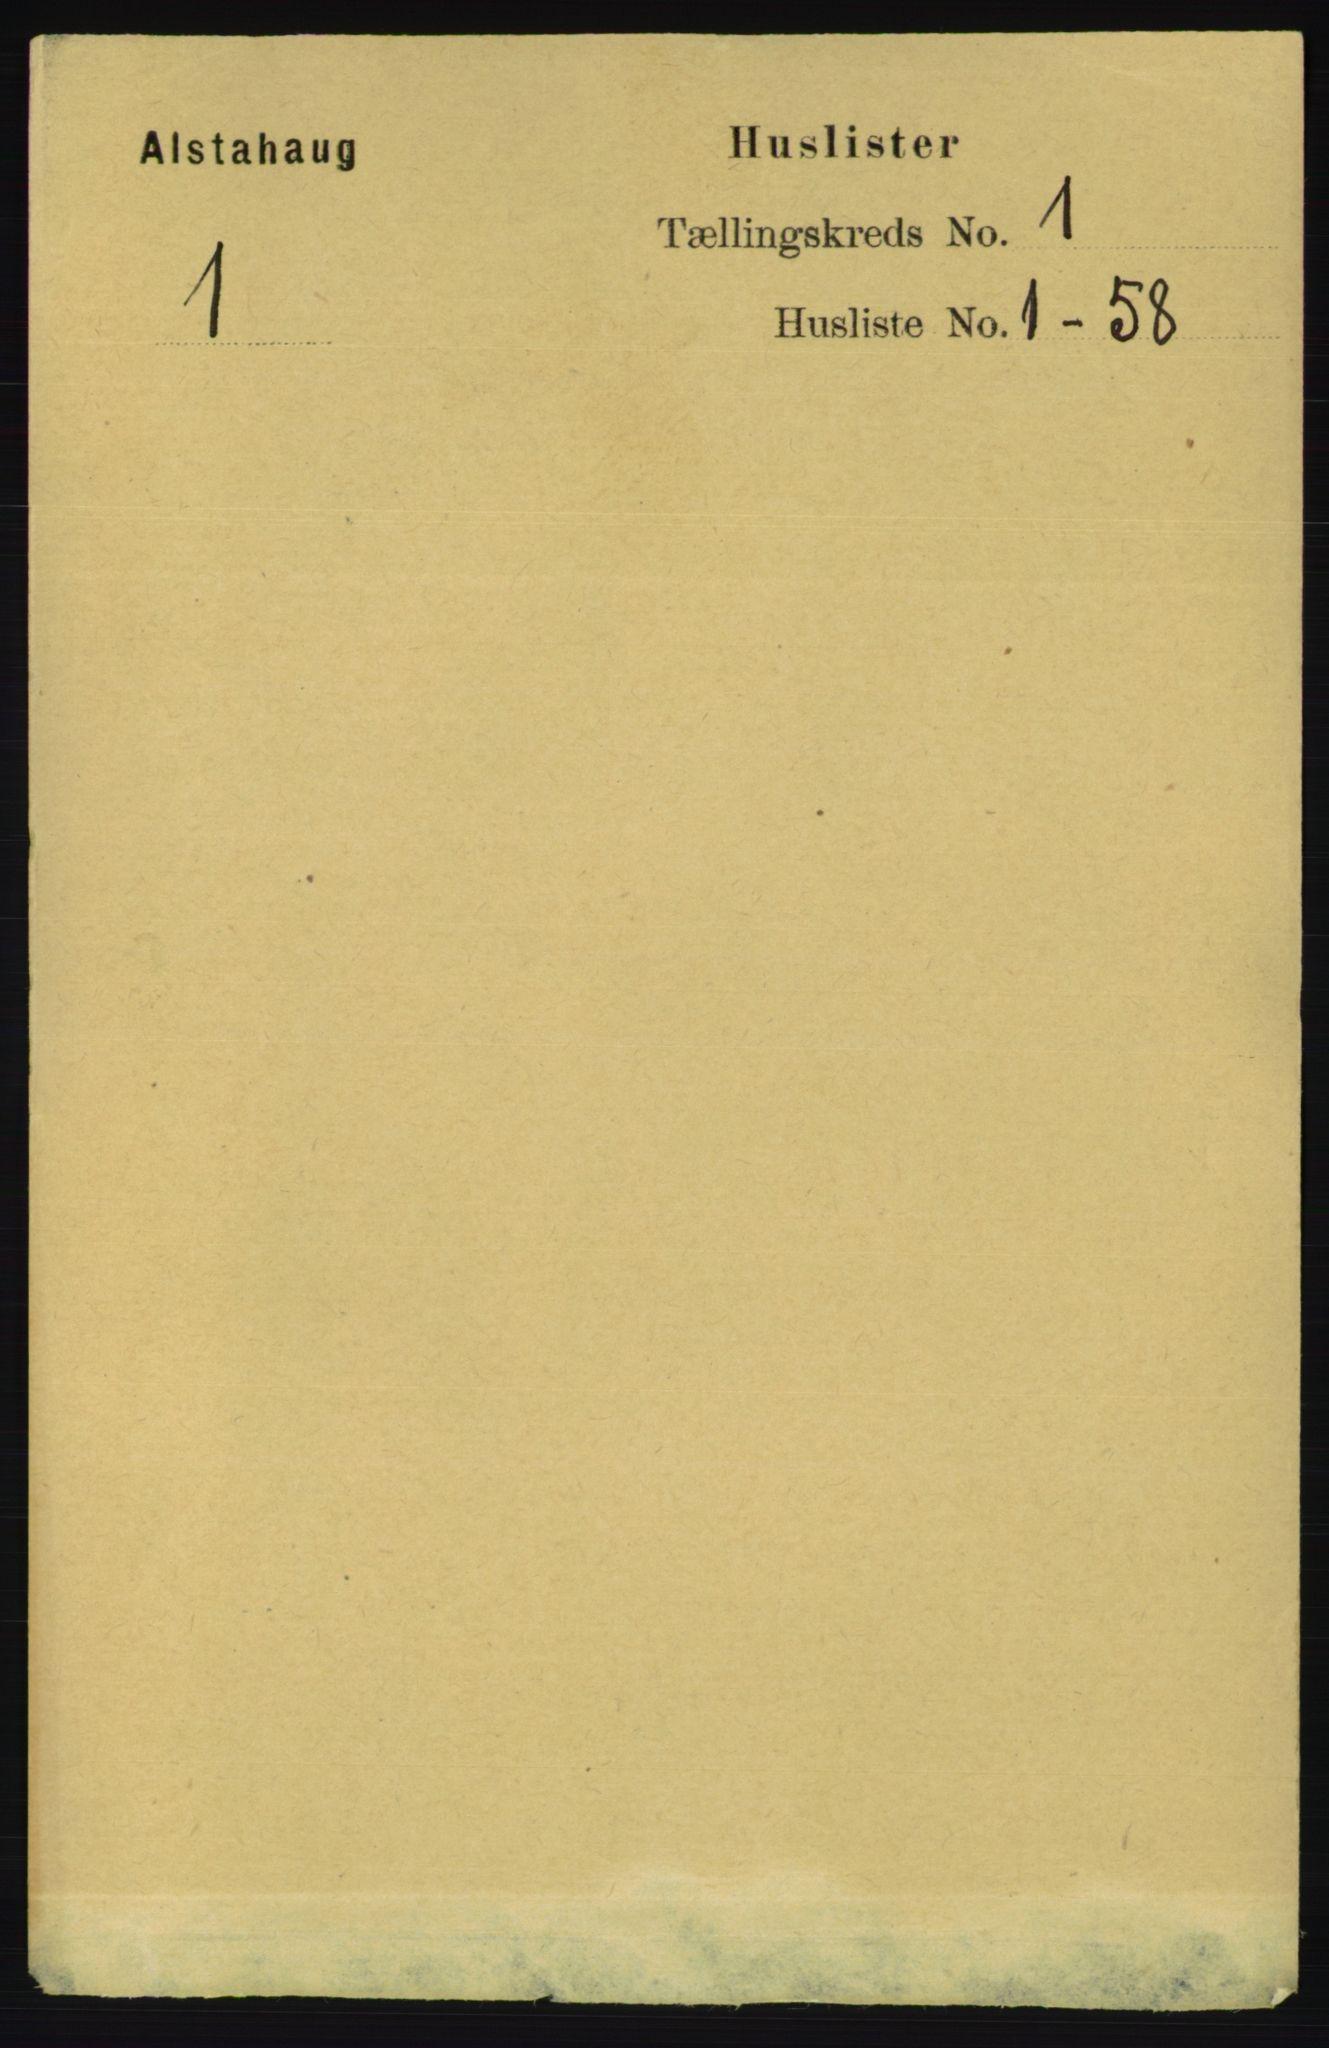 RA, Folketelling 1891 for 1820 Alstahaug herred, 1891, s. 35